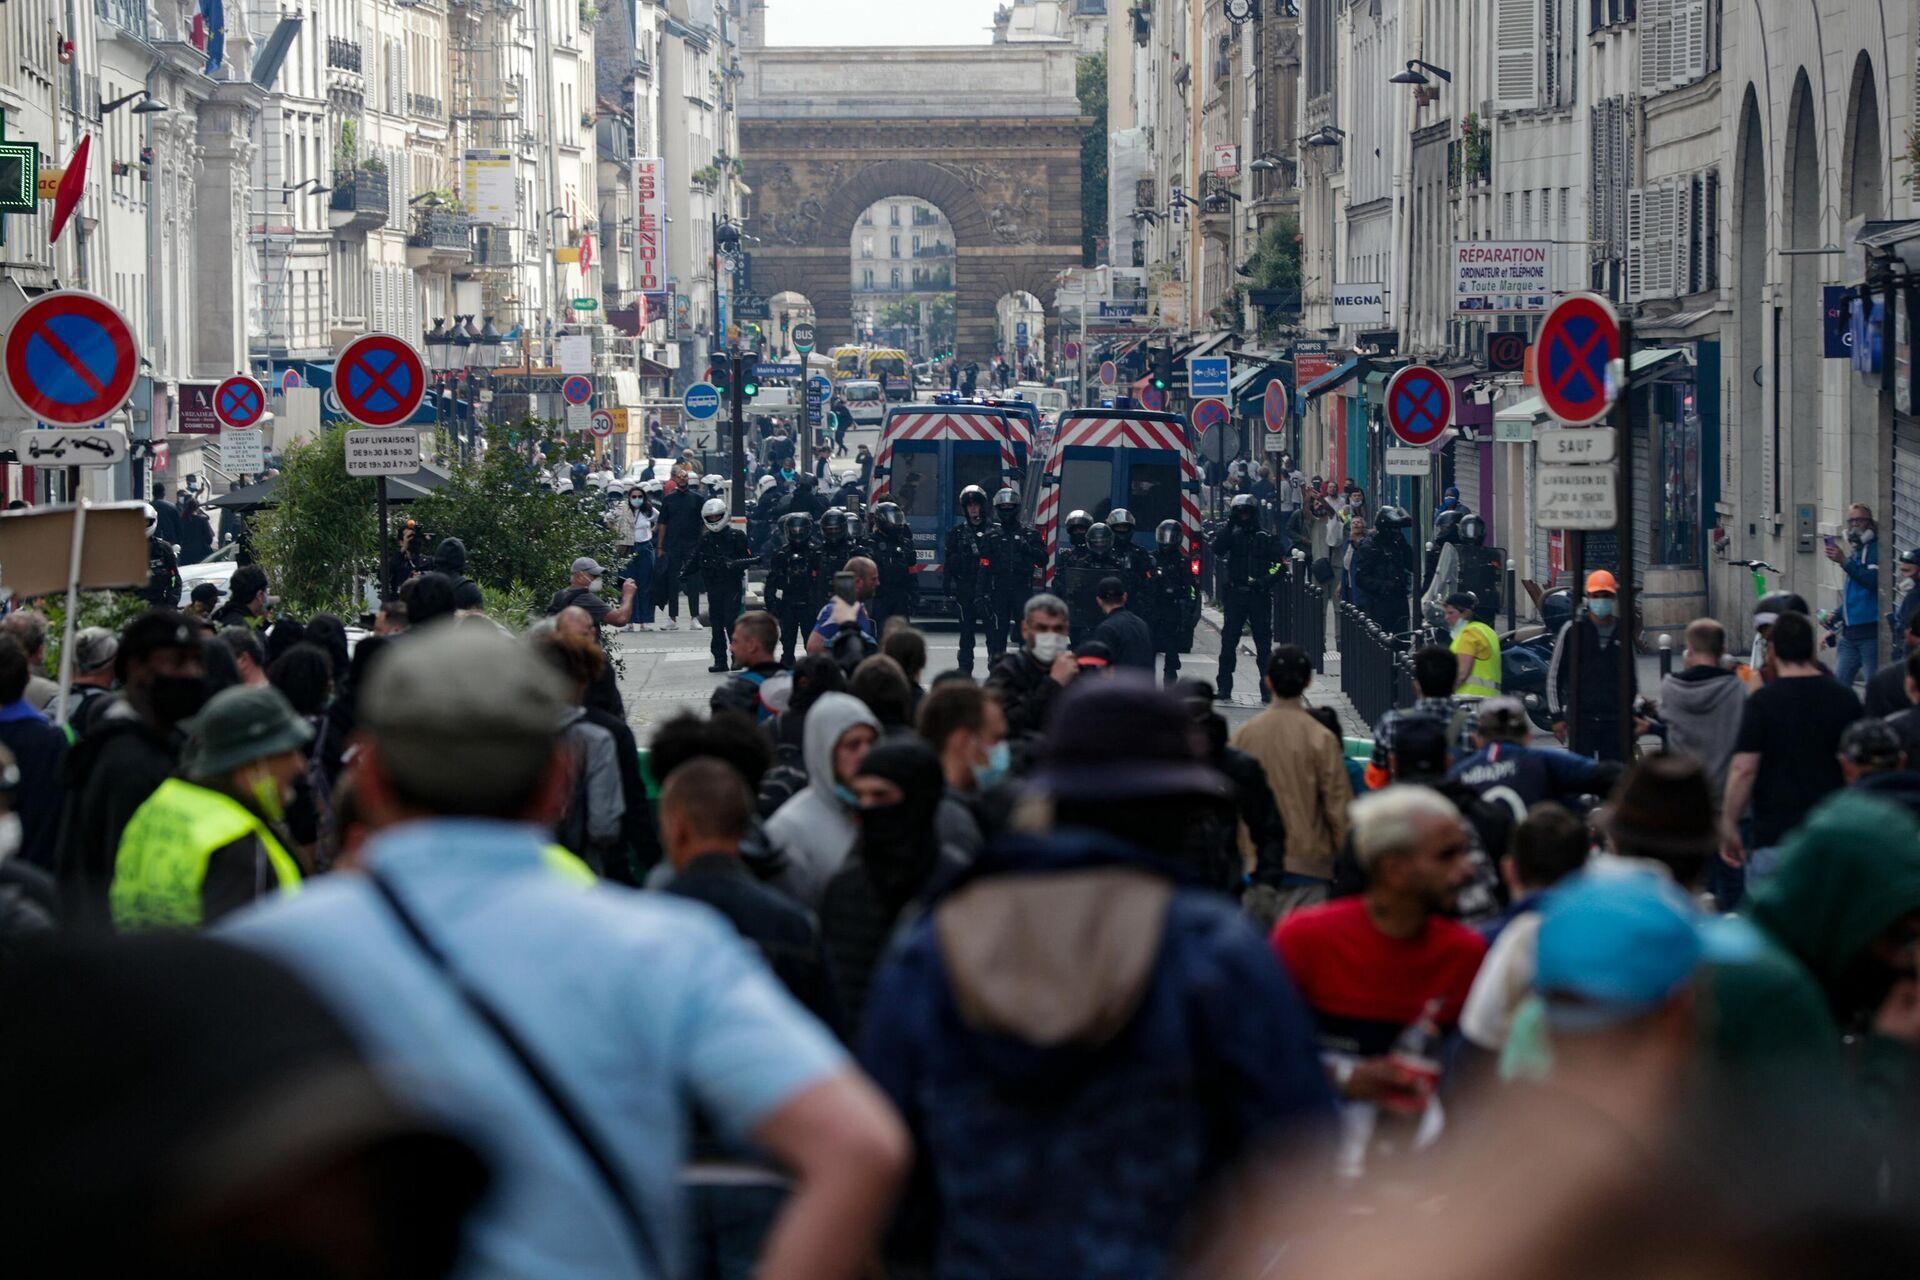 Протести у Париз због најаве да ће се за улазак у барове тражити потврда о вакцинацији. - Sputnik Србија, 1920, 15.07.2021